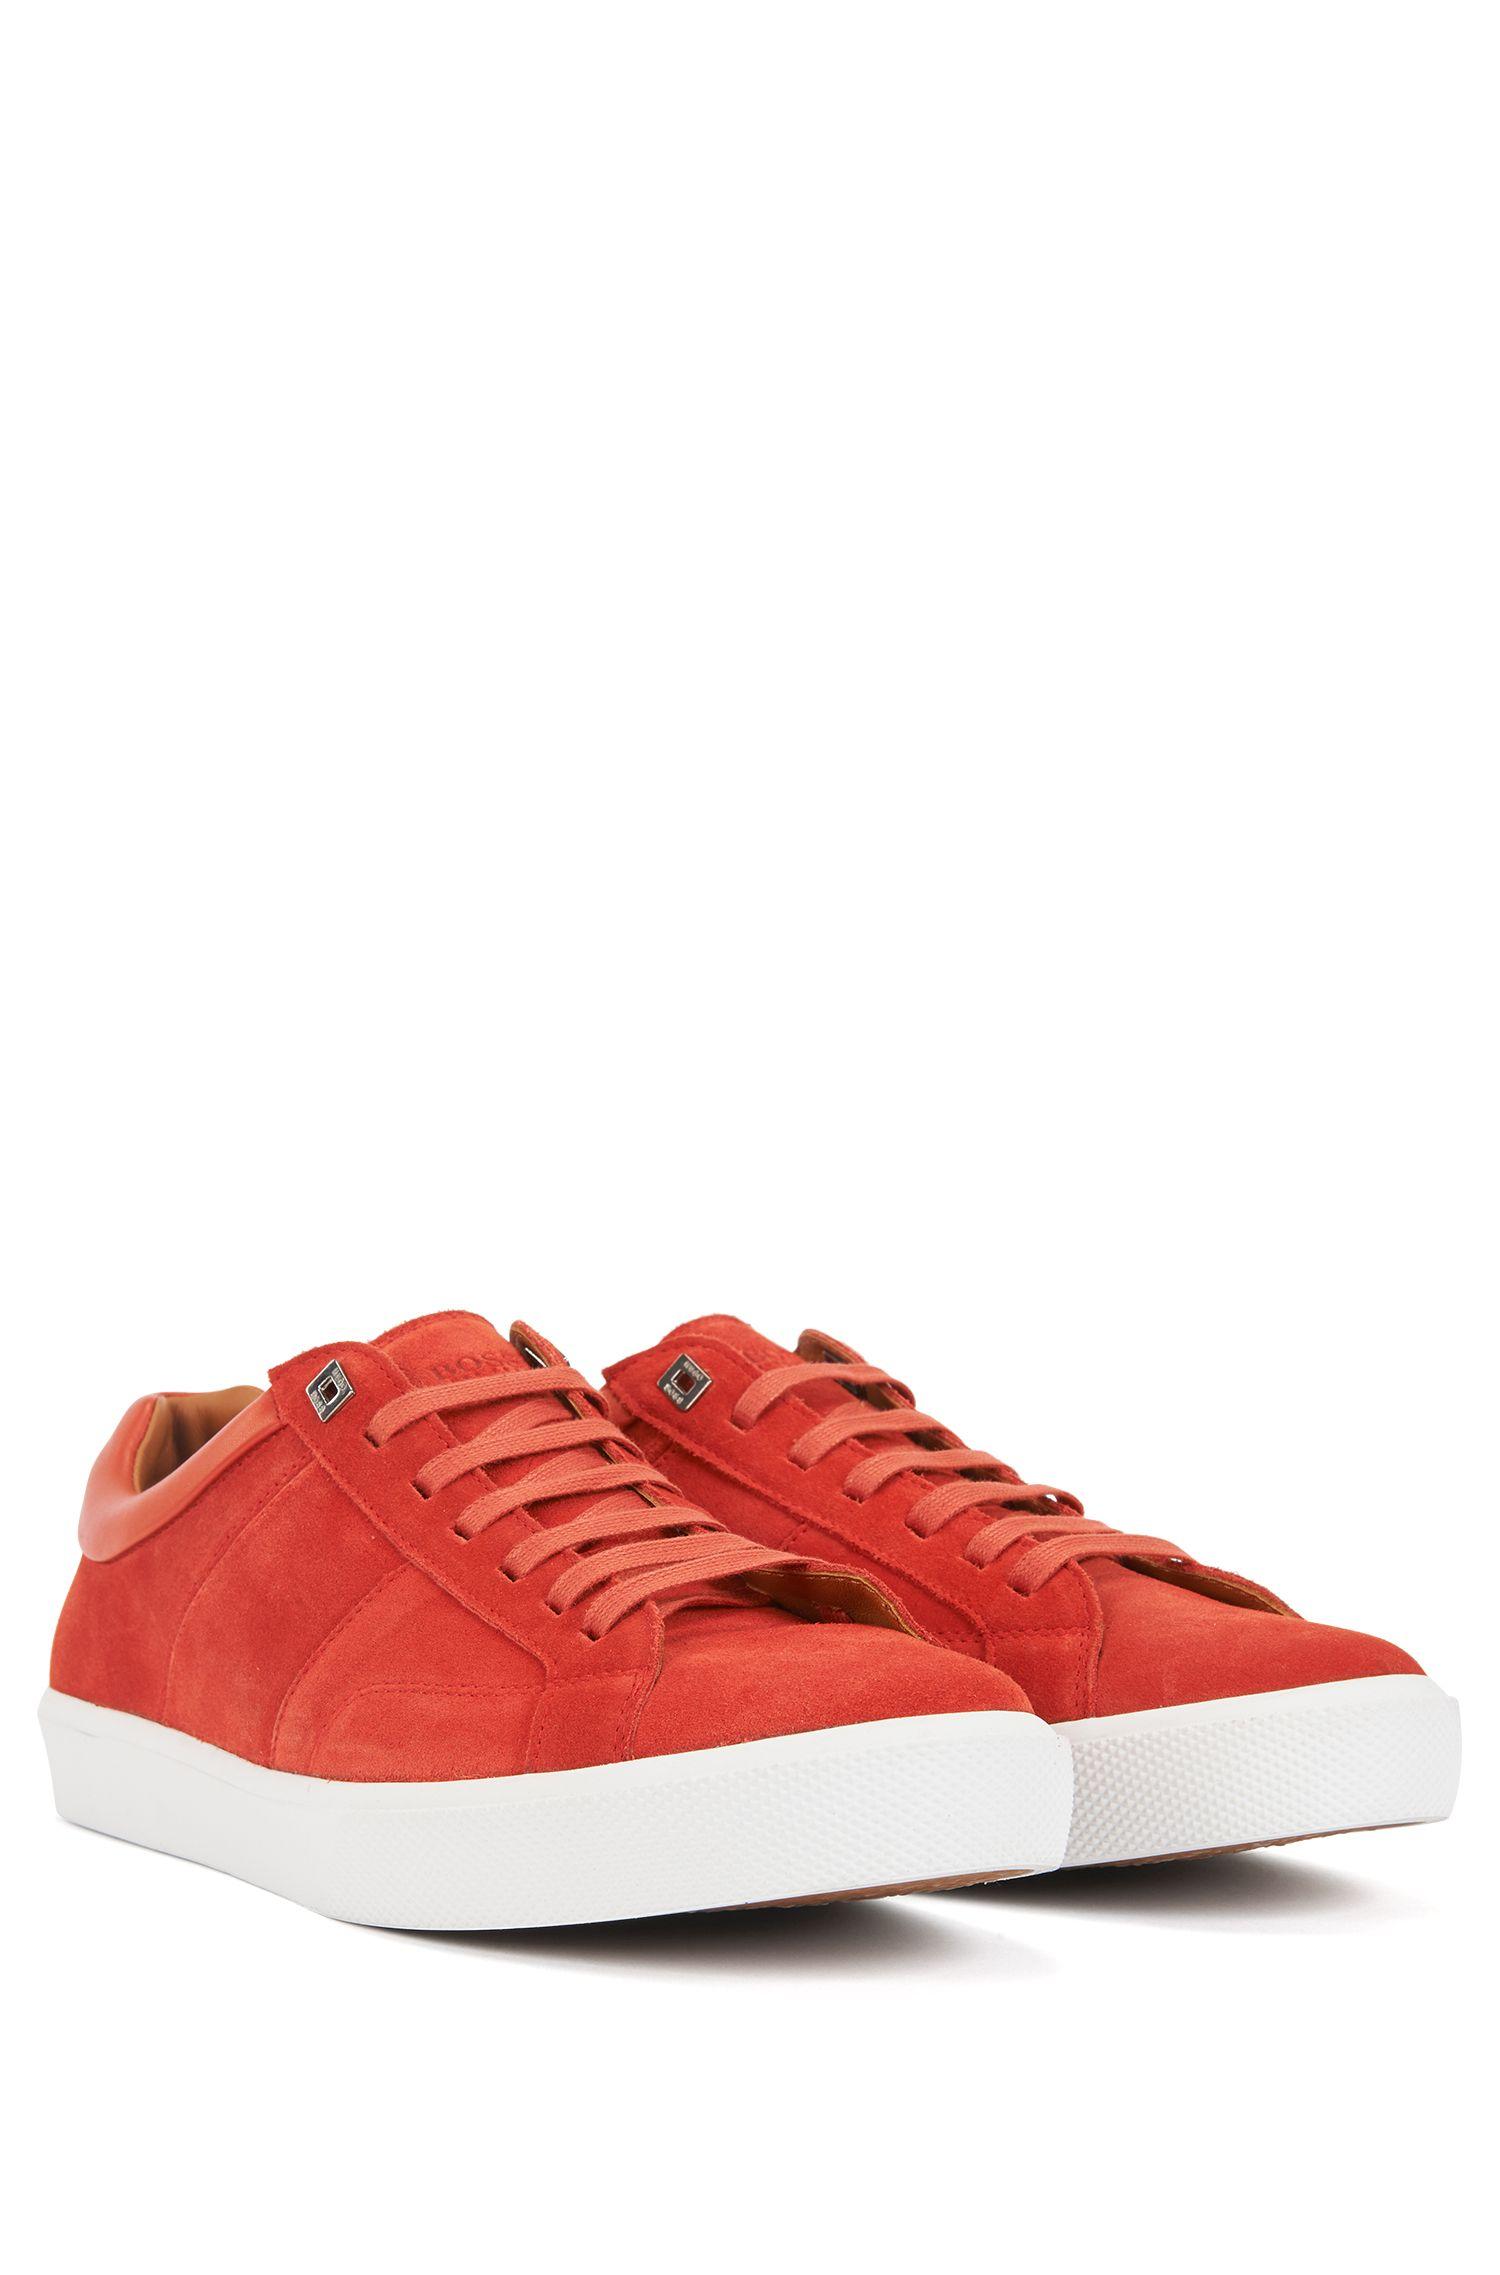 Sneakers in tennisstijl met bovenzijde van Italiaanse kalfssuède